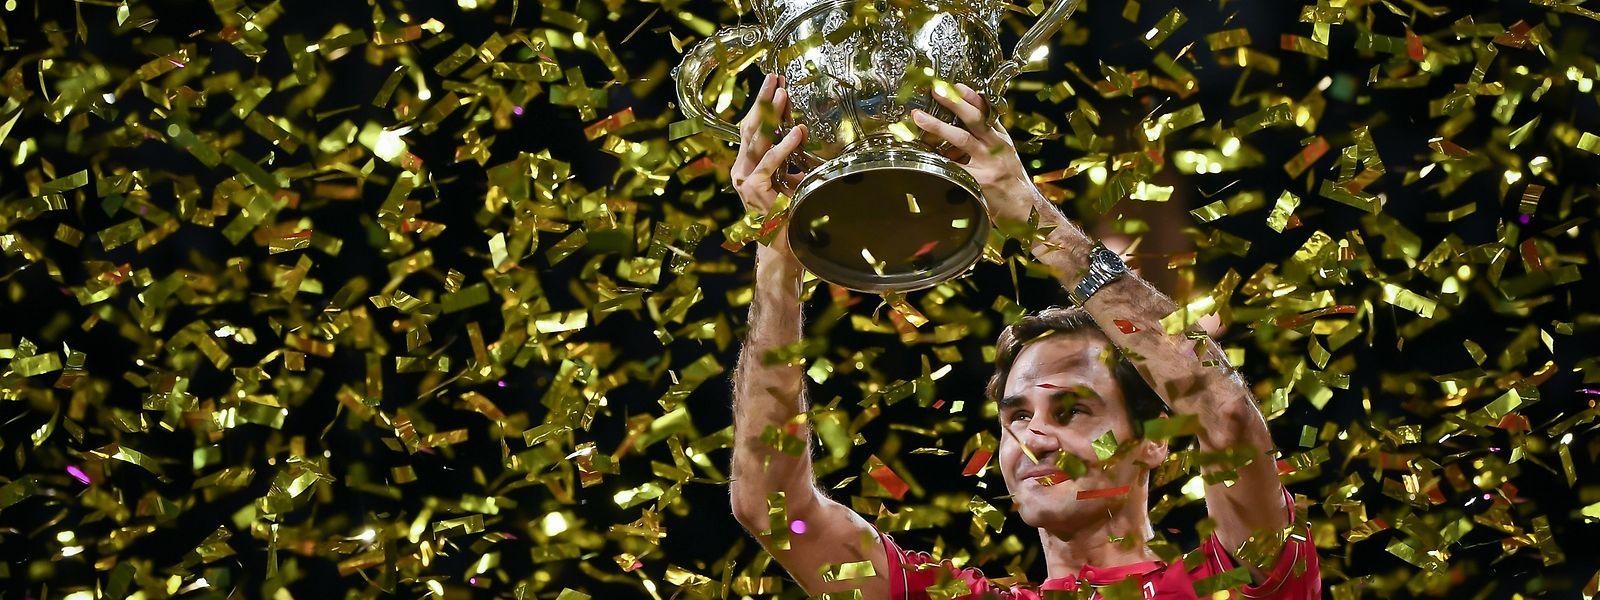 En remportant la finale dimanche à Bâle face à l'Australien Alex De Minaur, Roger Federer a signé la 1.235e victoire de sa carrière